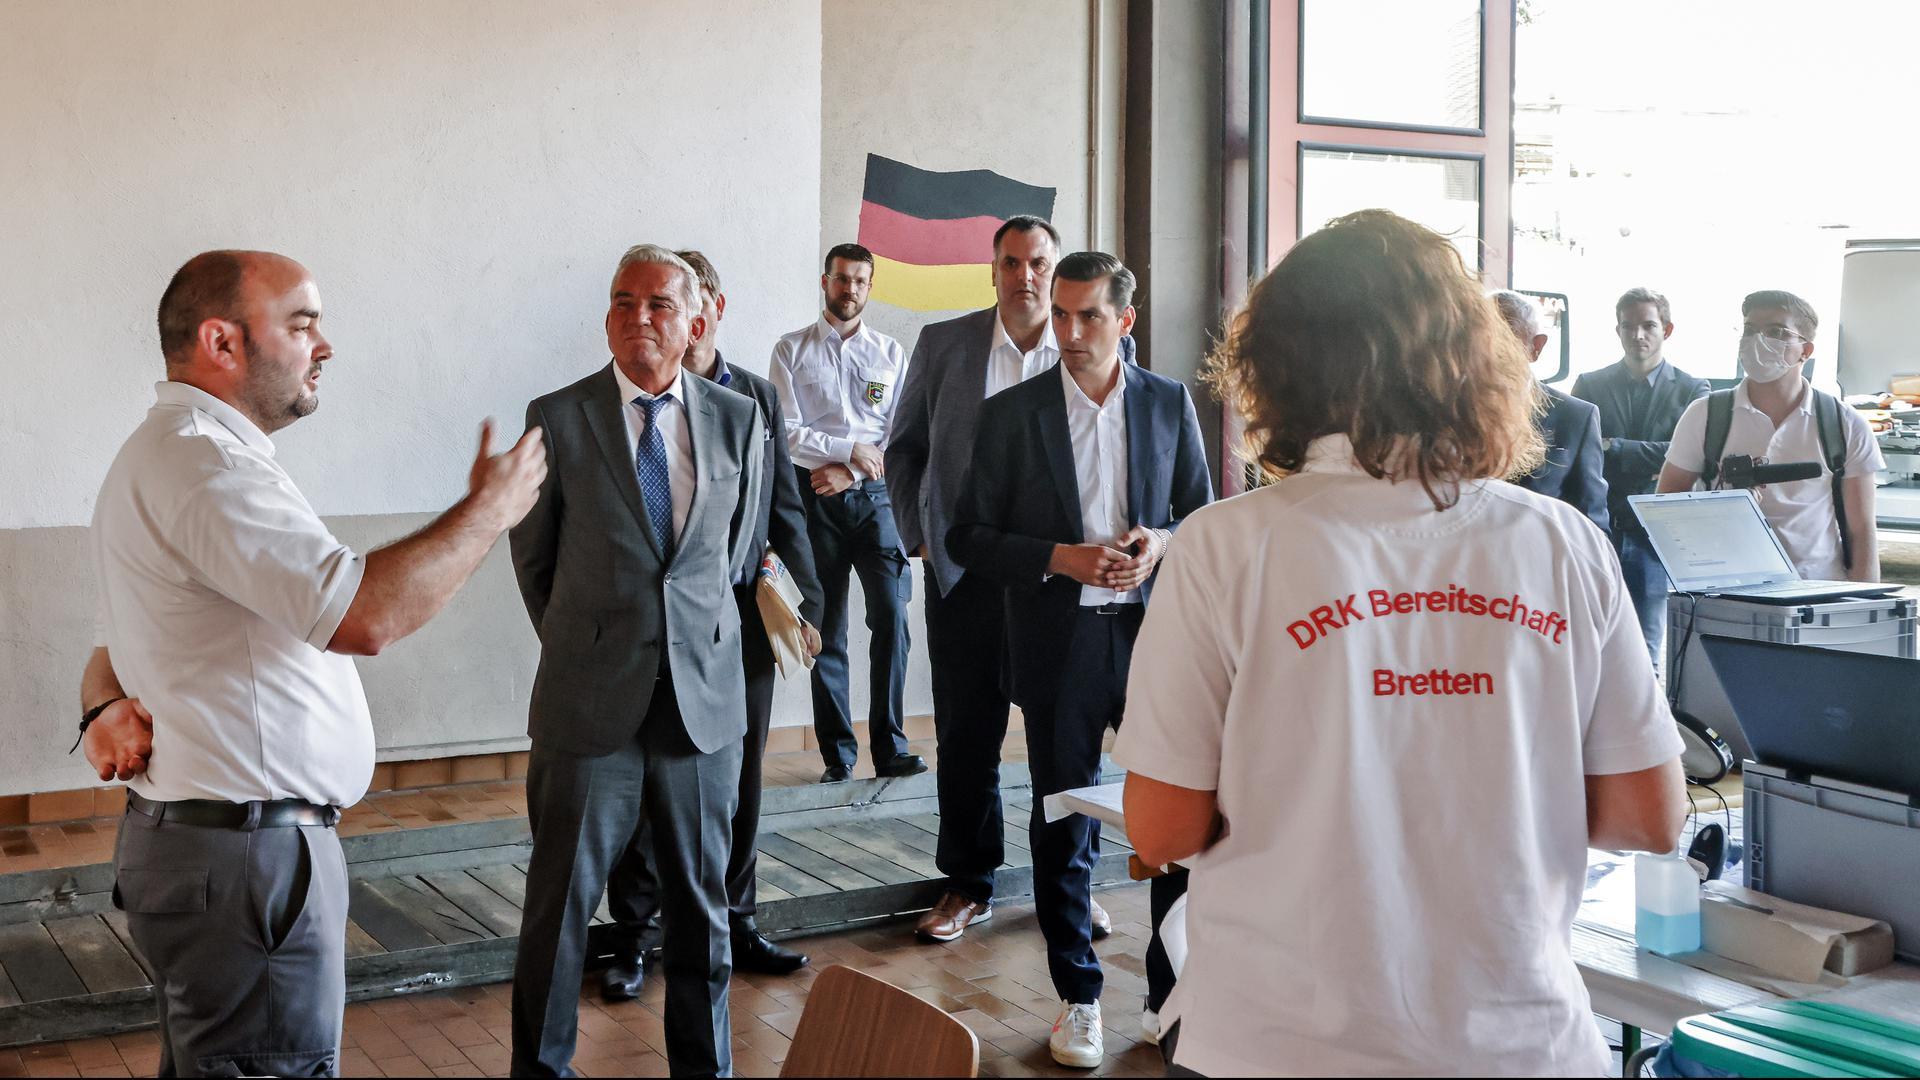 Christoph Glück (links) vom DRK Bretten mit CDU-Landeschef Thomas Strobl (Mitte) und Bundestagskandidat Nicolas Zippelius (rechts).